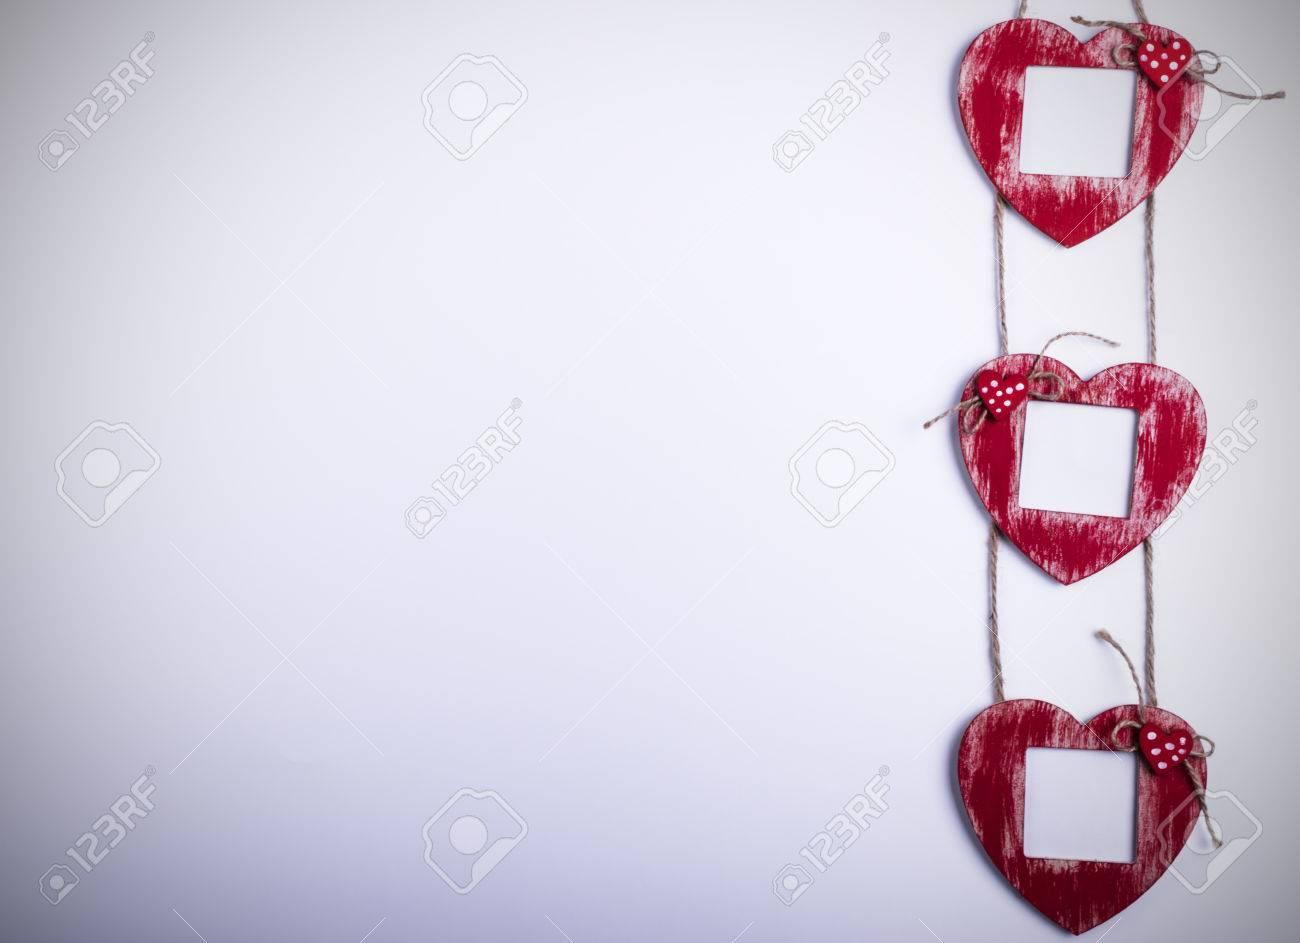 Liebeskarte Vorlage Mit Leeren Bilderrahmen Herz Auf Die Roten ...